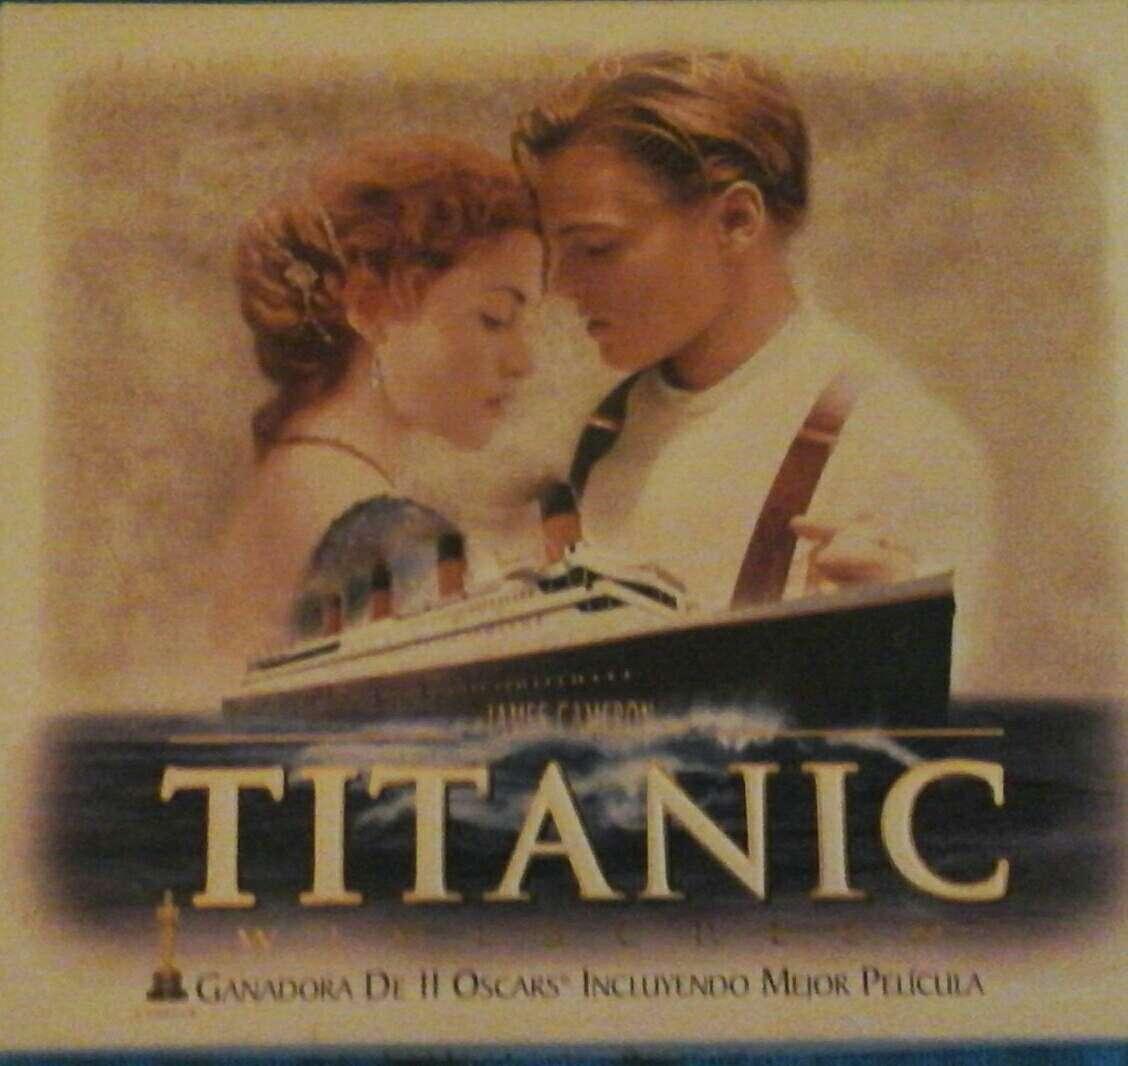 Imagen Edición Especial Titanic 1998